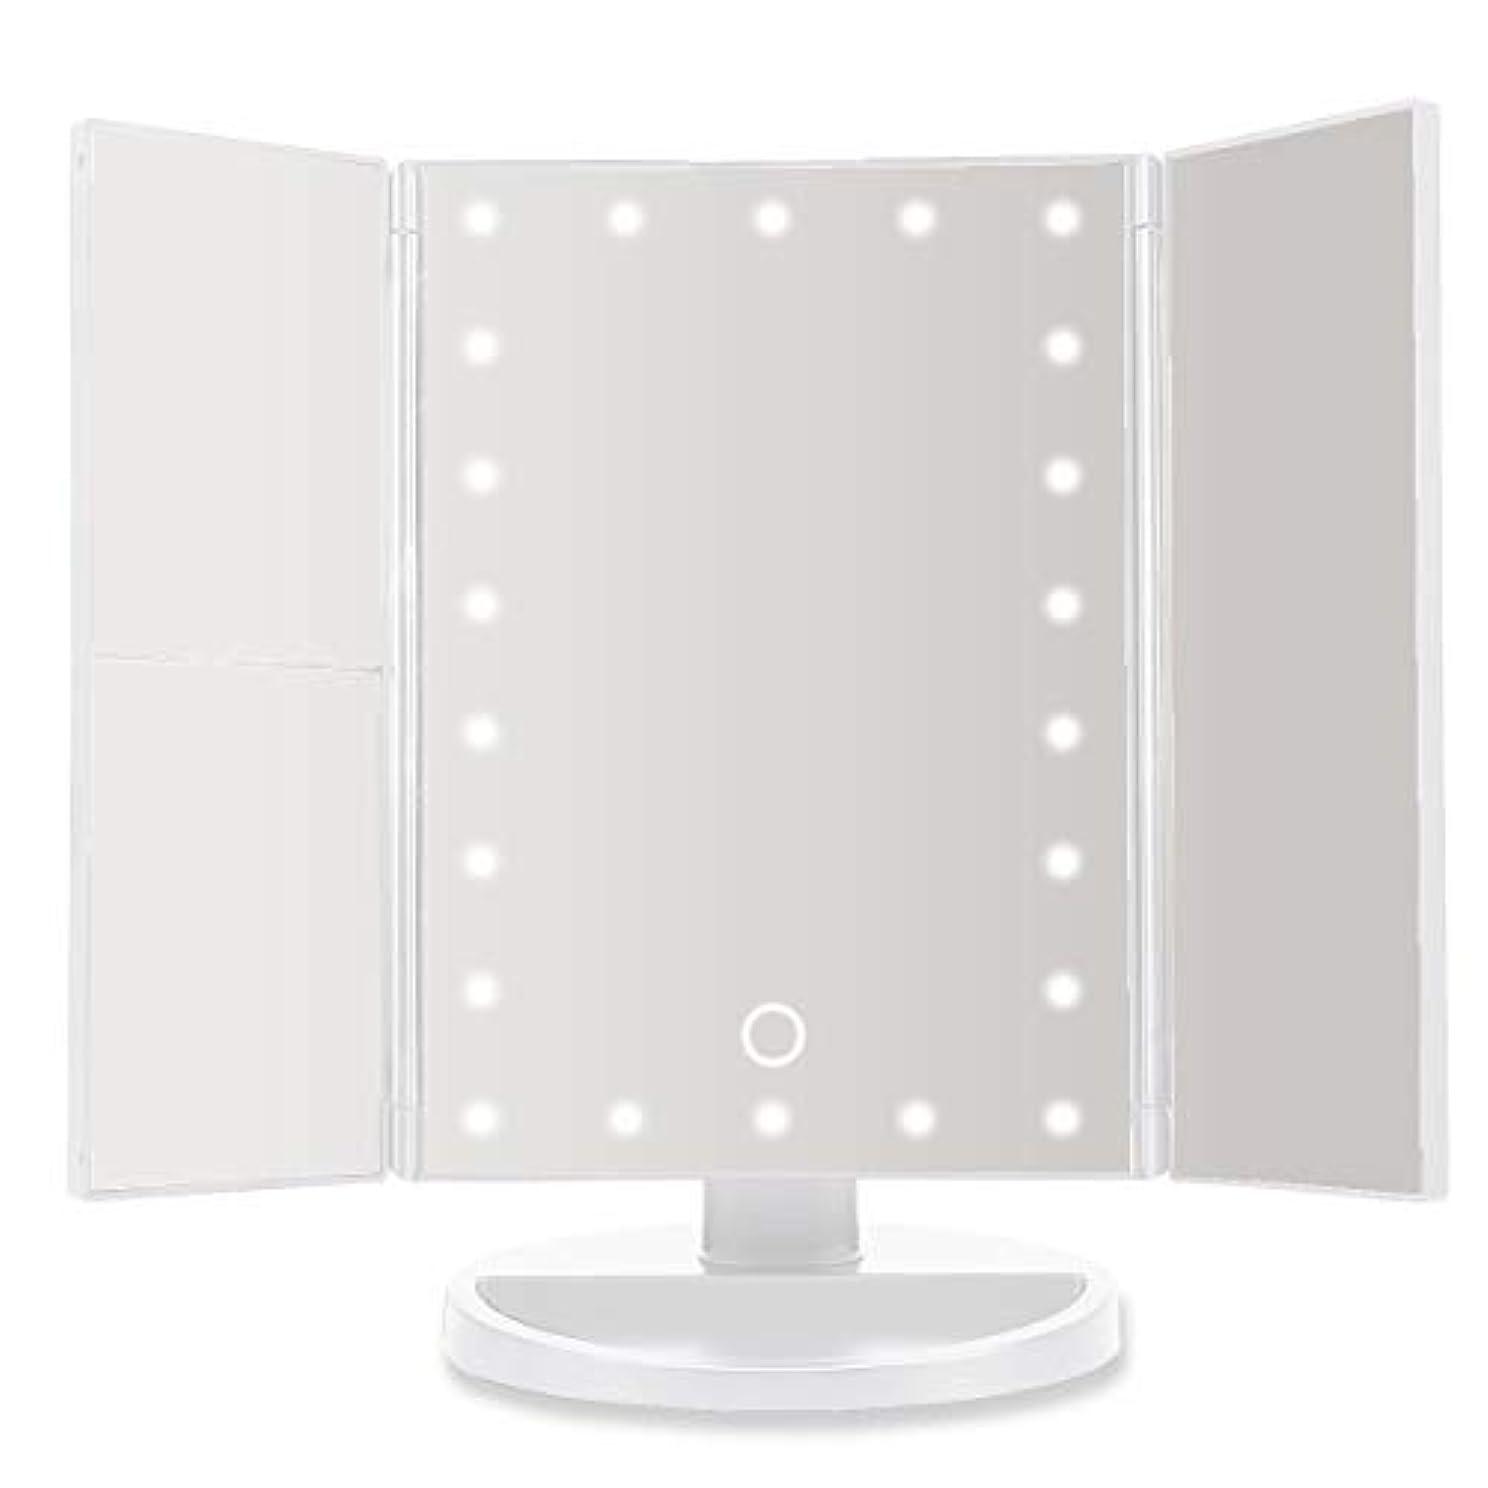 シリング食堂季節22LED付き3面鏡卓上女優ミラー ホワイト